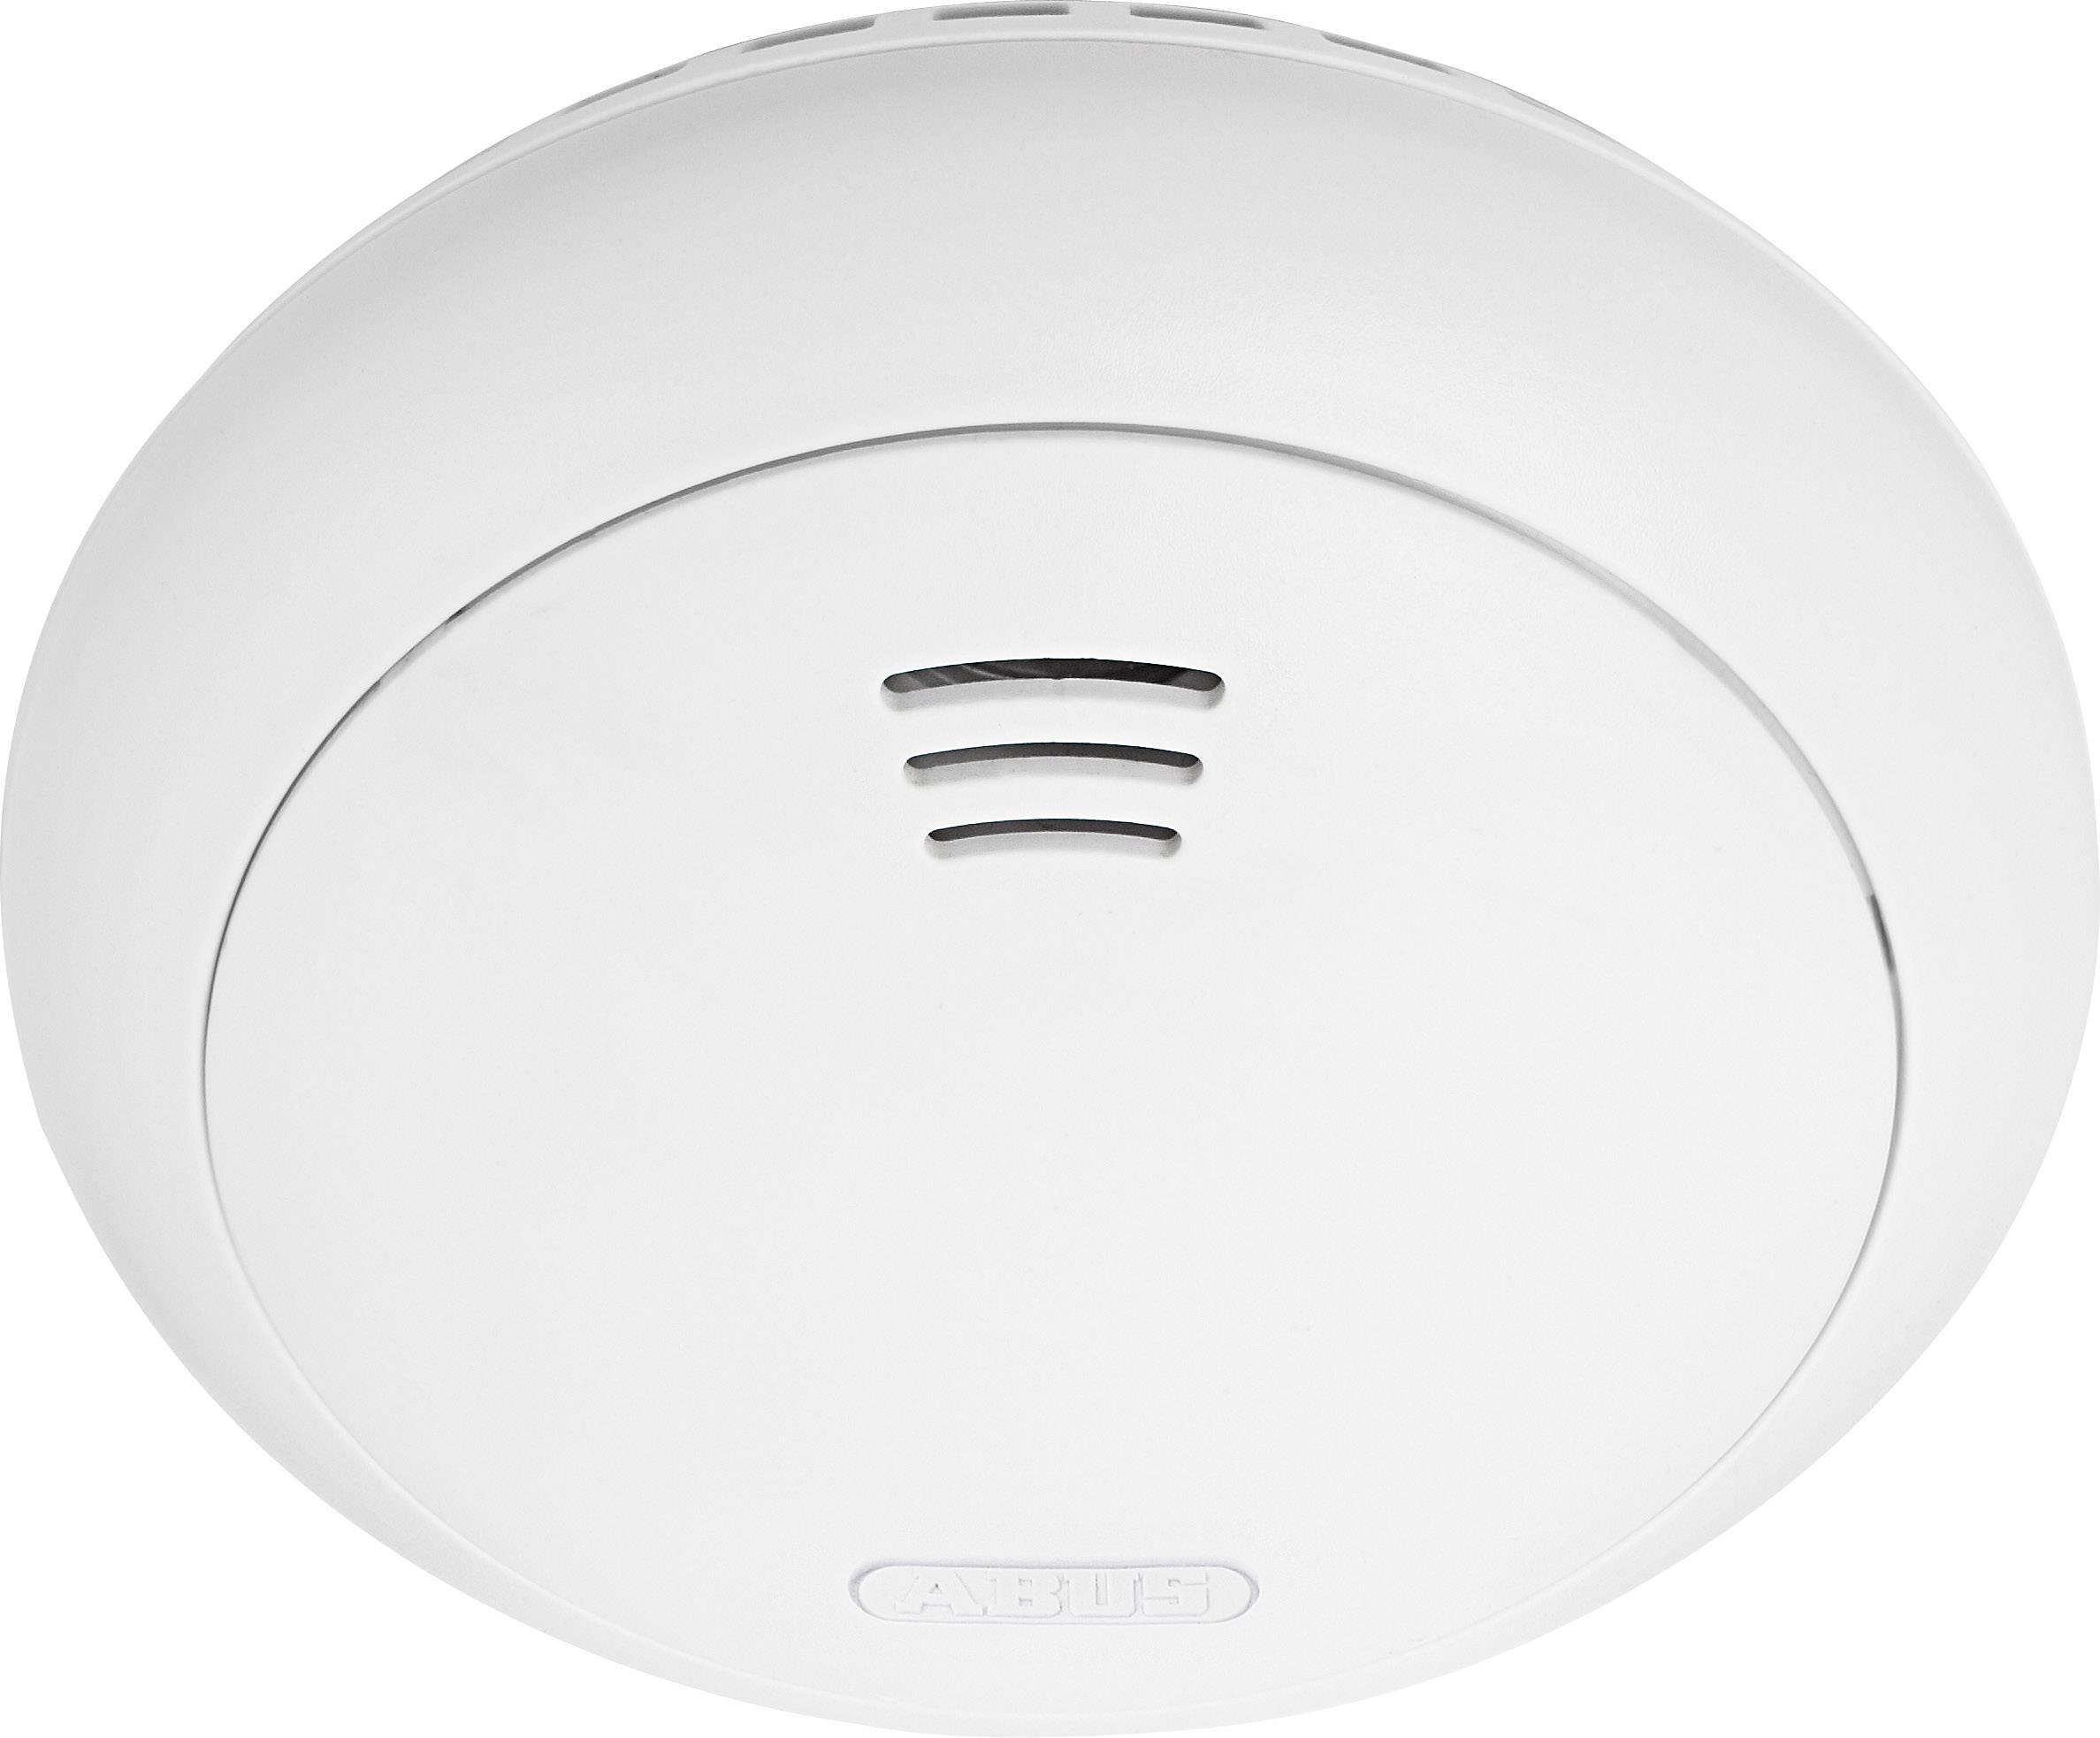 Rozšíření bezdrátového alarmu, bezdrátový detektor kouře ABUS Smartvest, ABUS Smart Security World FURM35000A